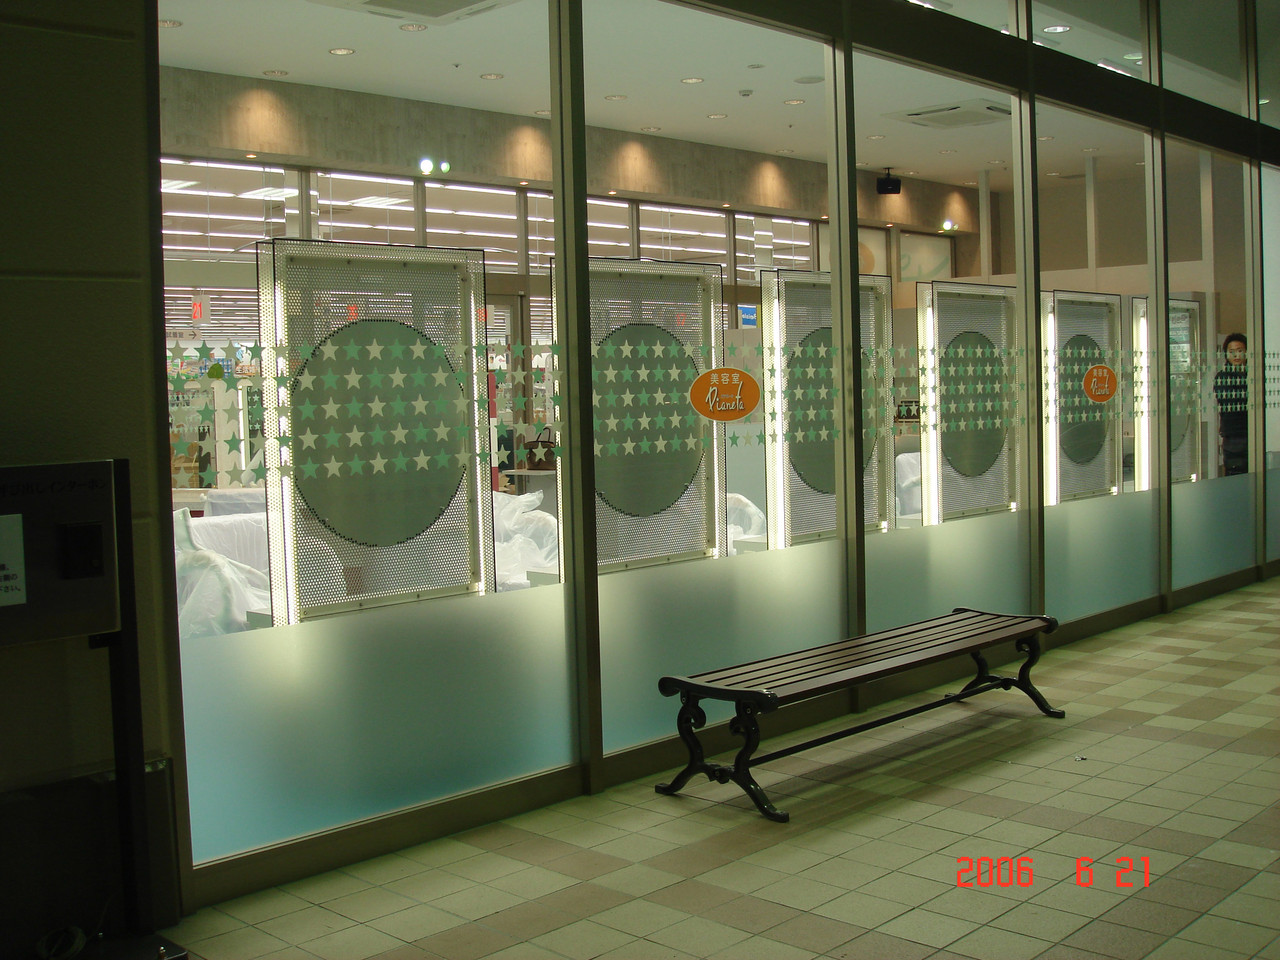 美容室様内装工事をさせていただきました。鏡台はオリジナルで設計製作いたしました。